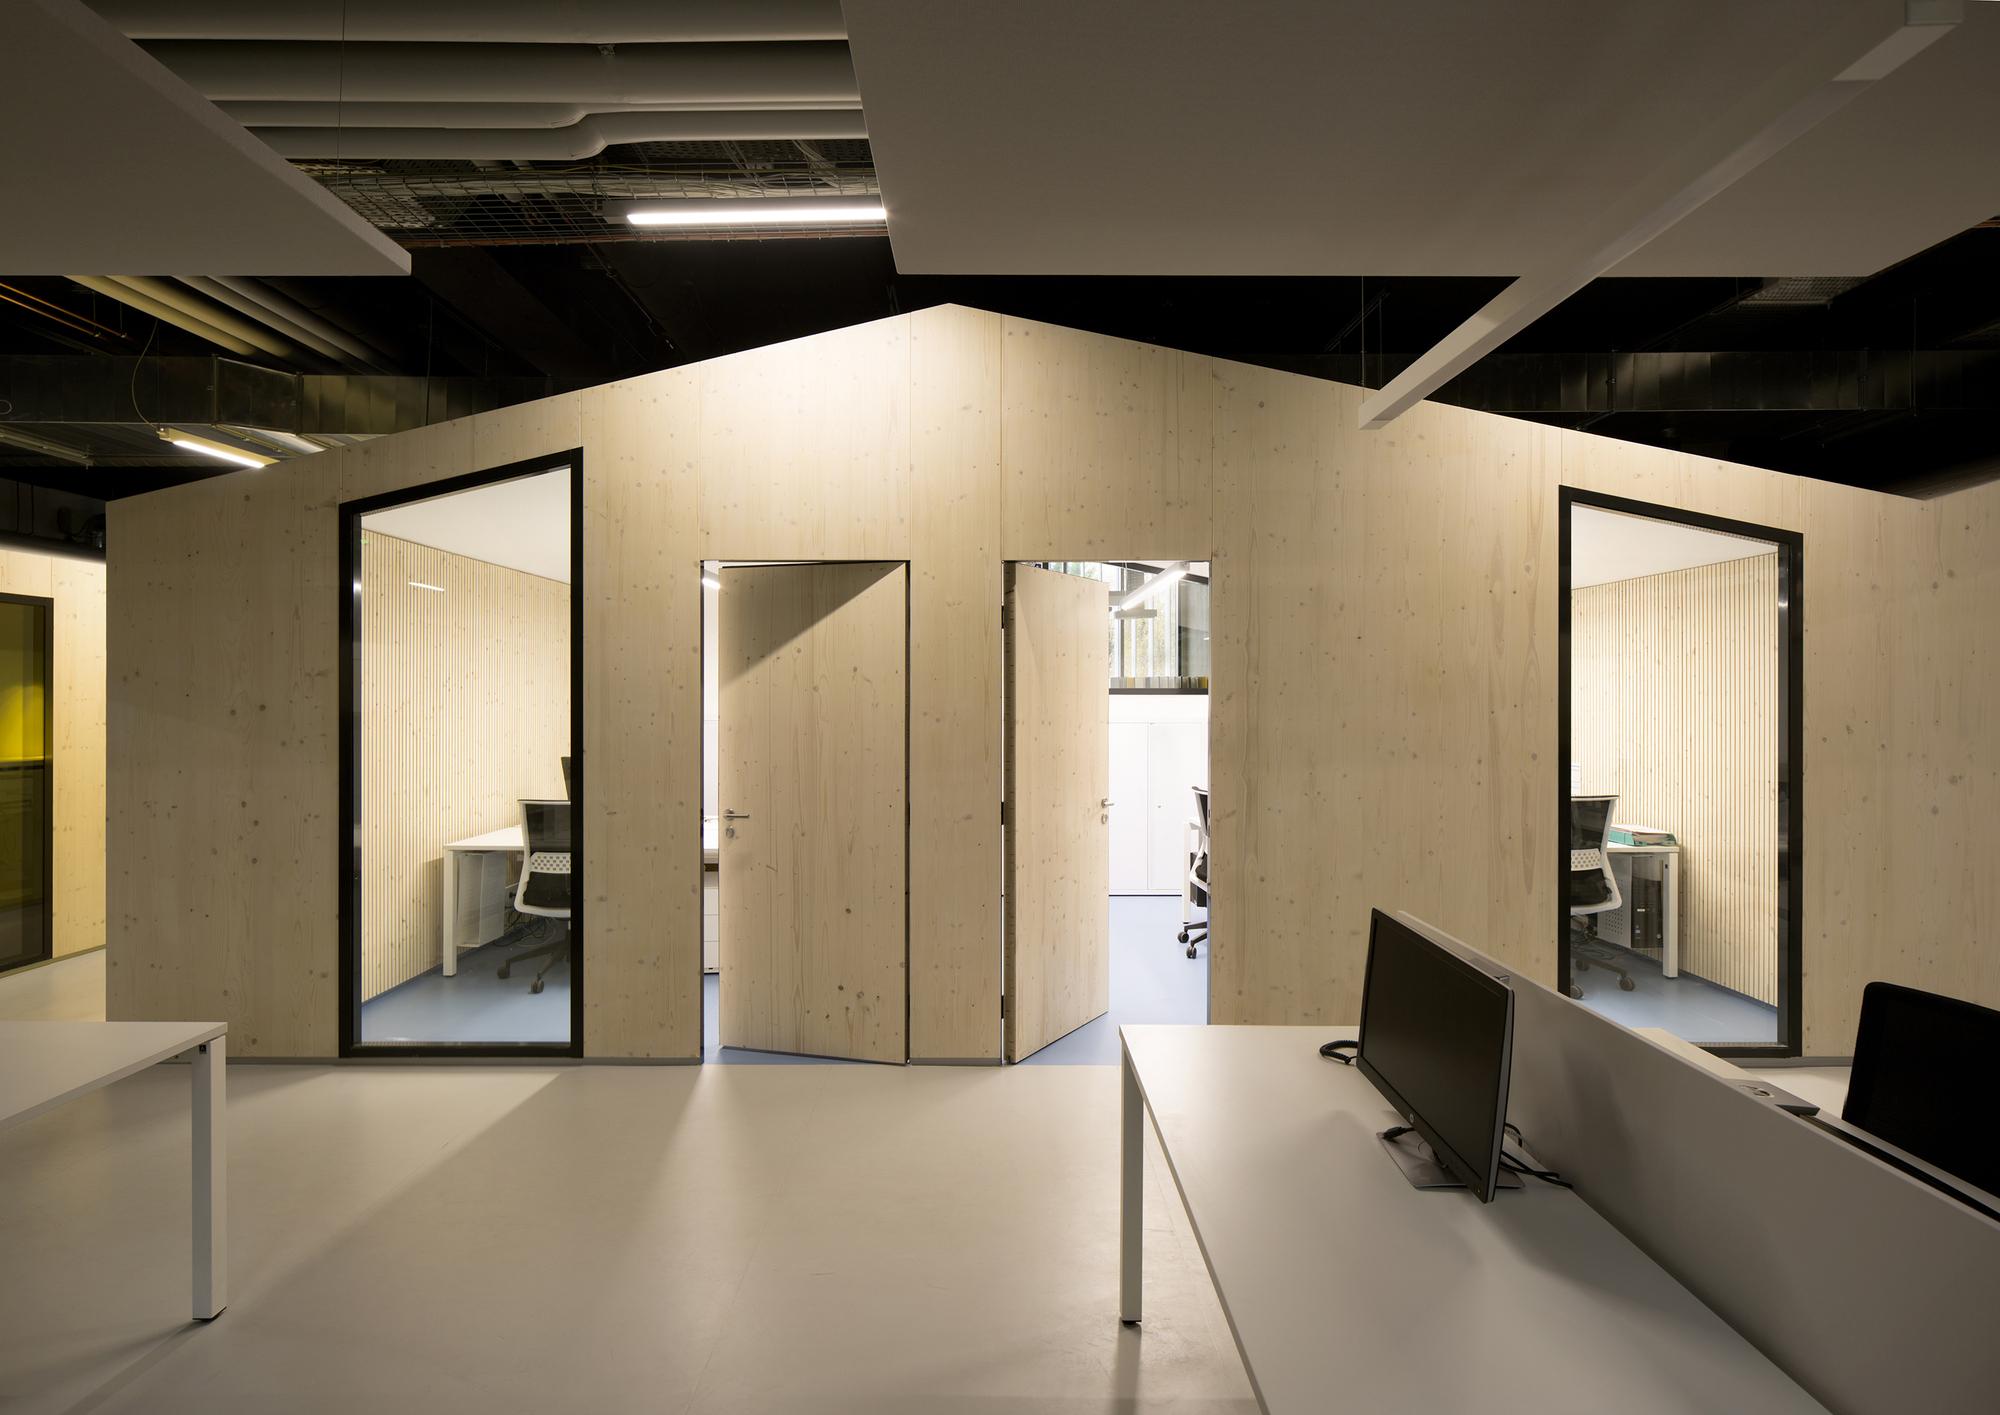 galer a de jm0 open space fuso atelier d architectures 3. Black Bedroom Furniture Sets. Home Design Ideas